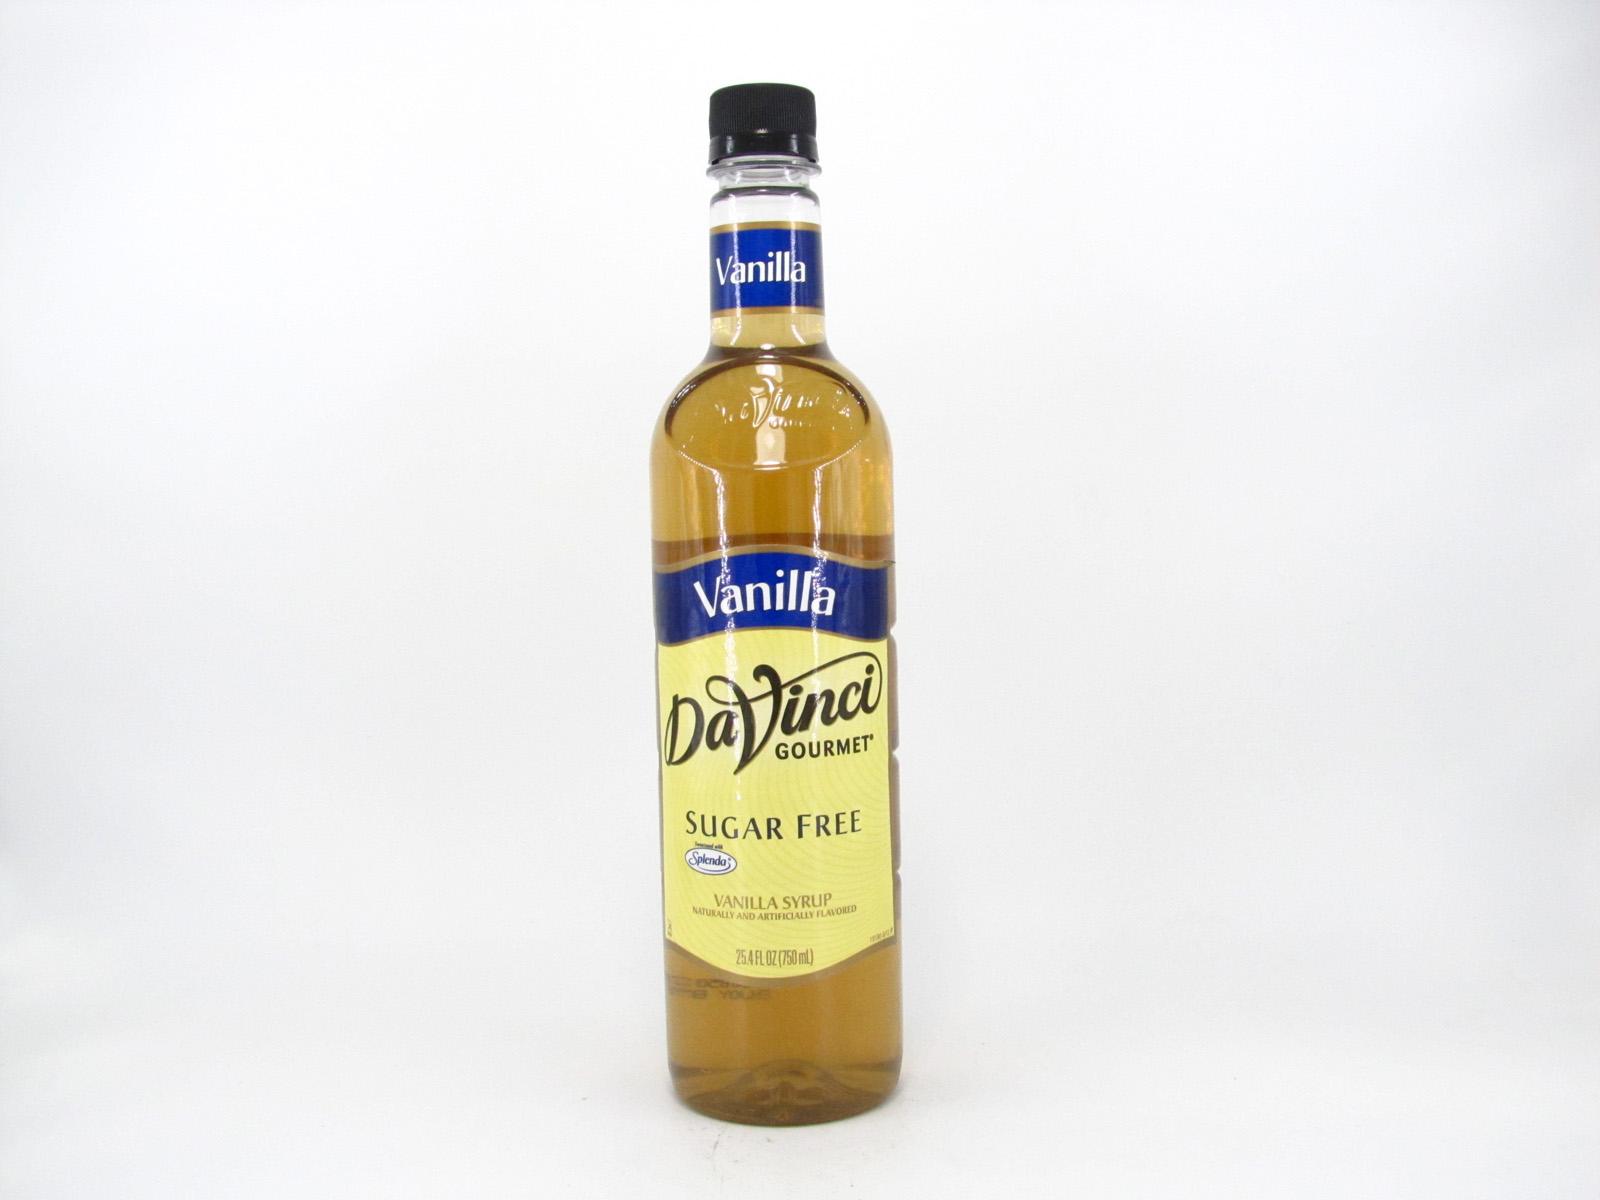 DaVinci Syrup - Vanilla - front view